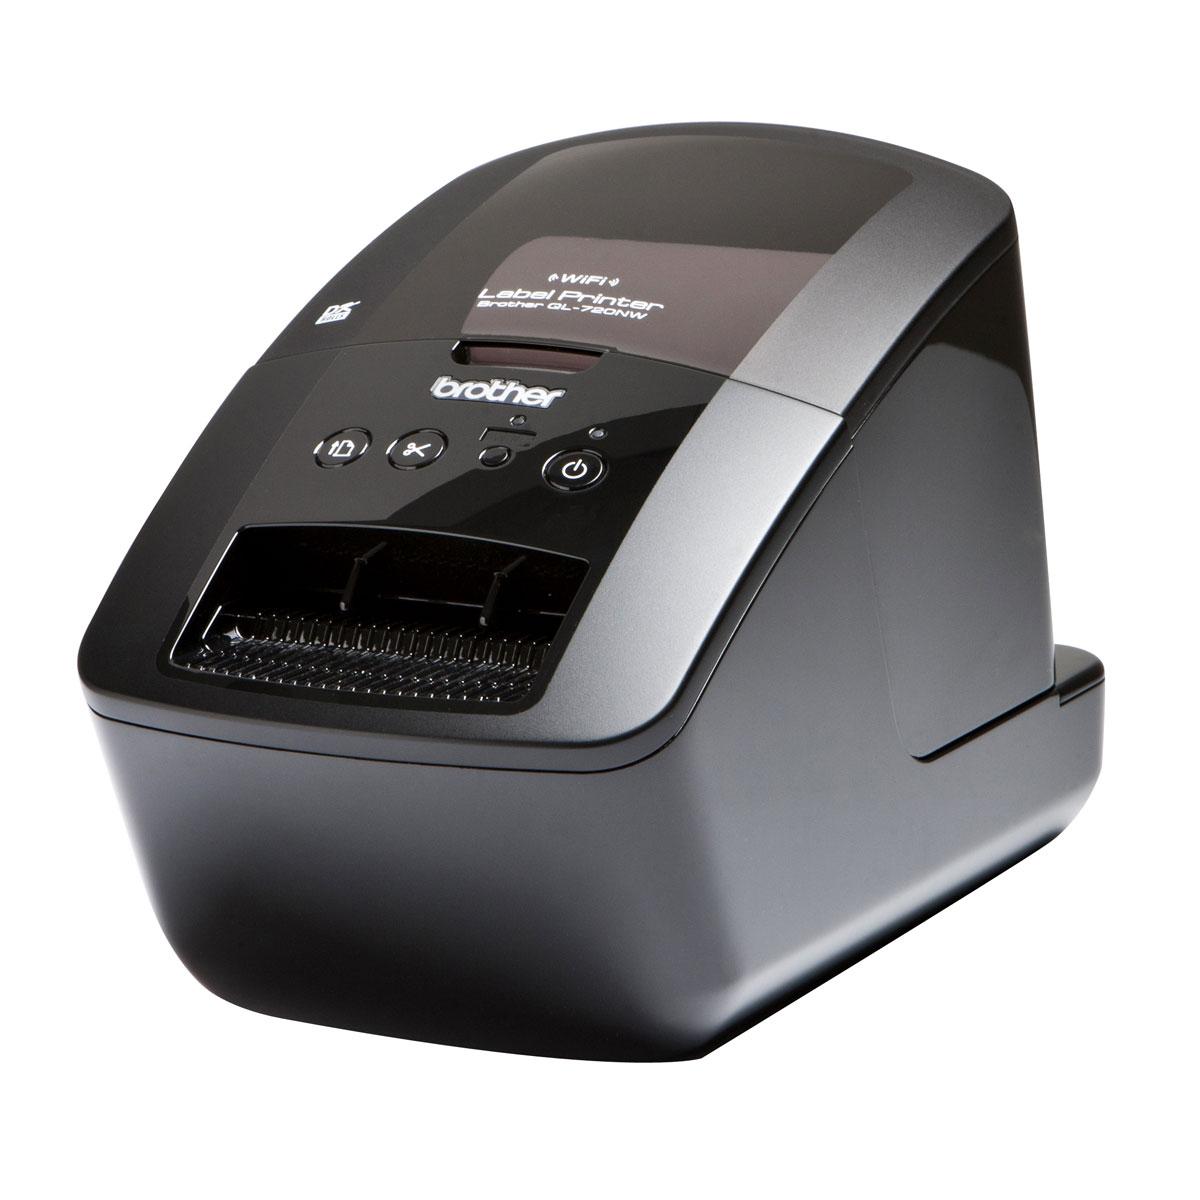 Imprimante thermique Brother QL-720NW Imprimante à étiquettes (Ethernet / USB / Wi-Fi)